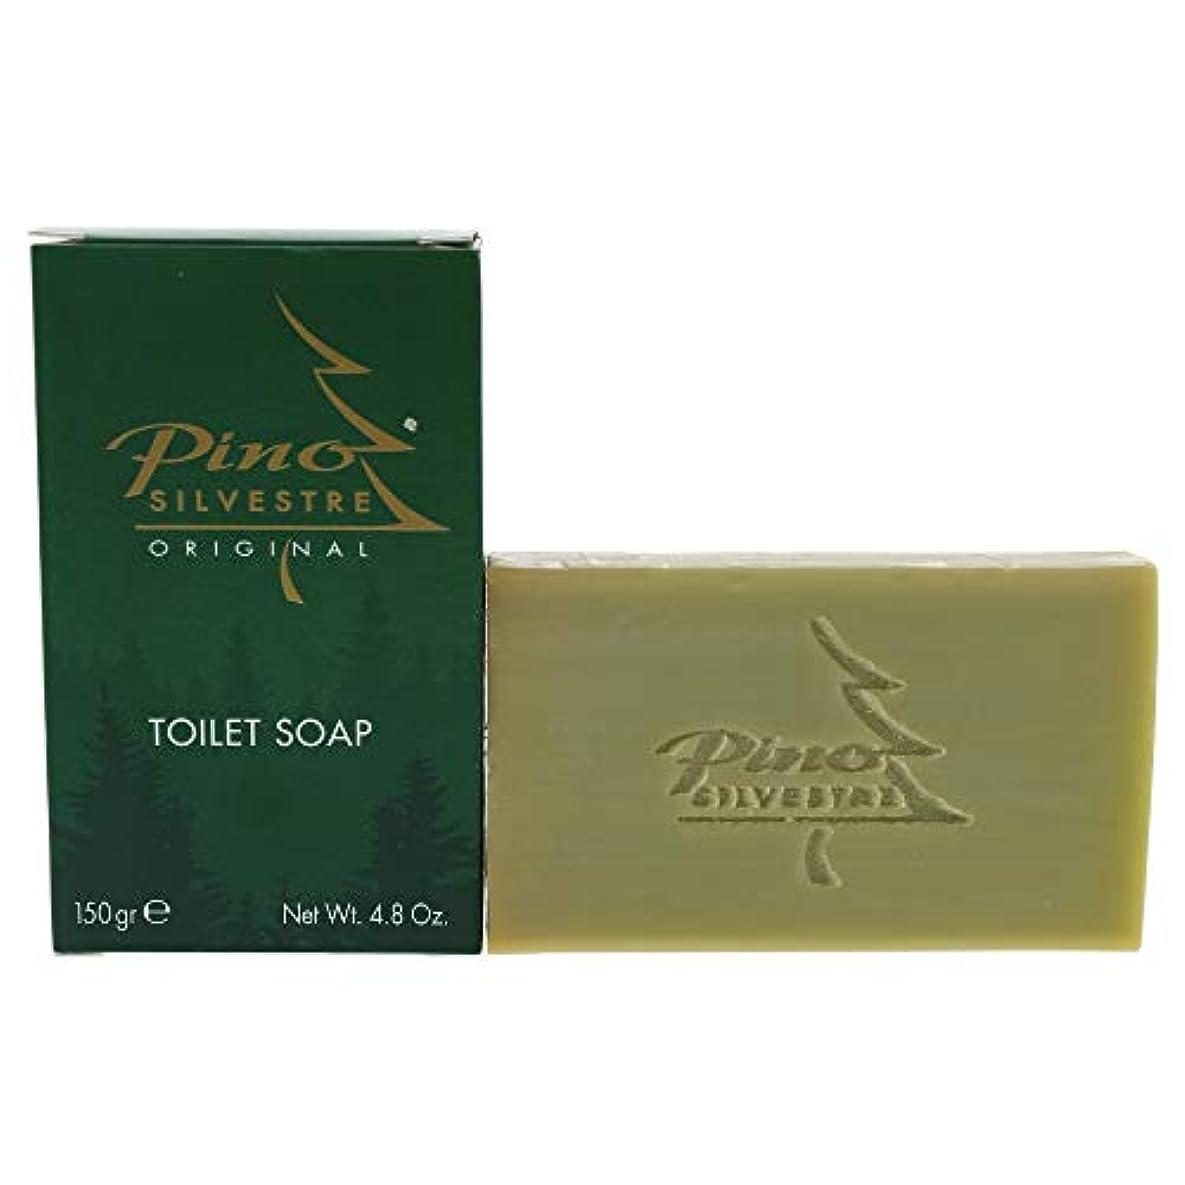 絶滅させる褐色ほとんどの場合Original Toilet Soap